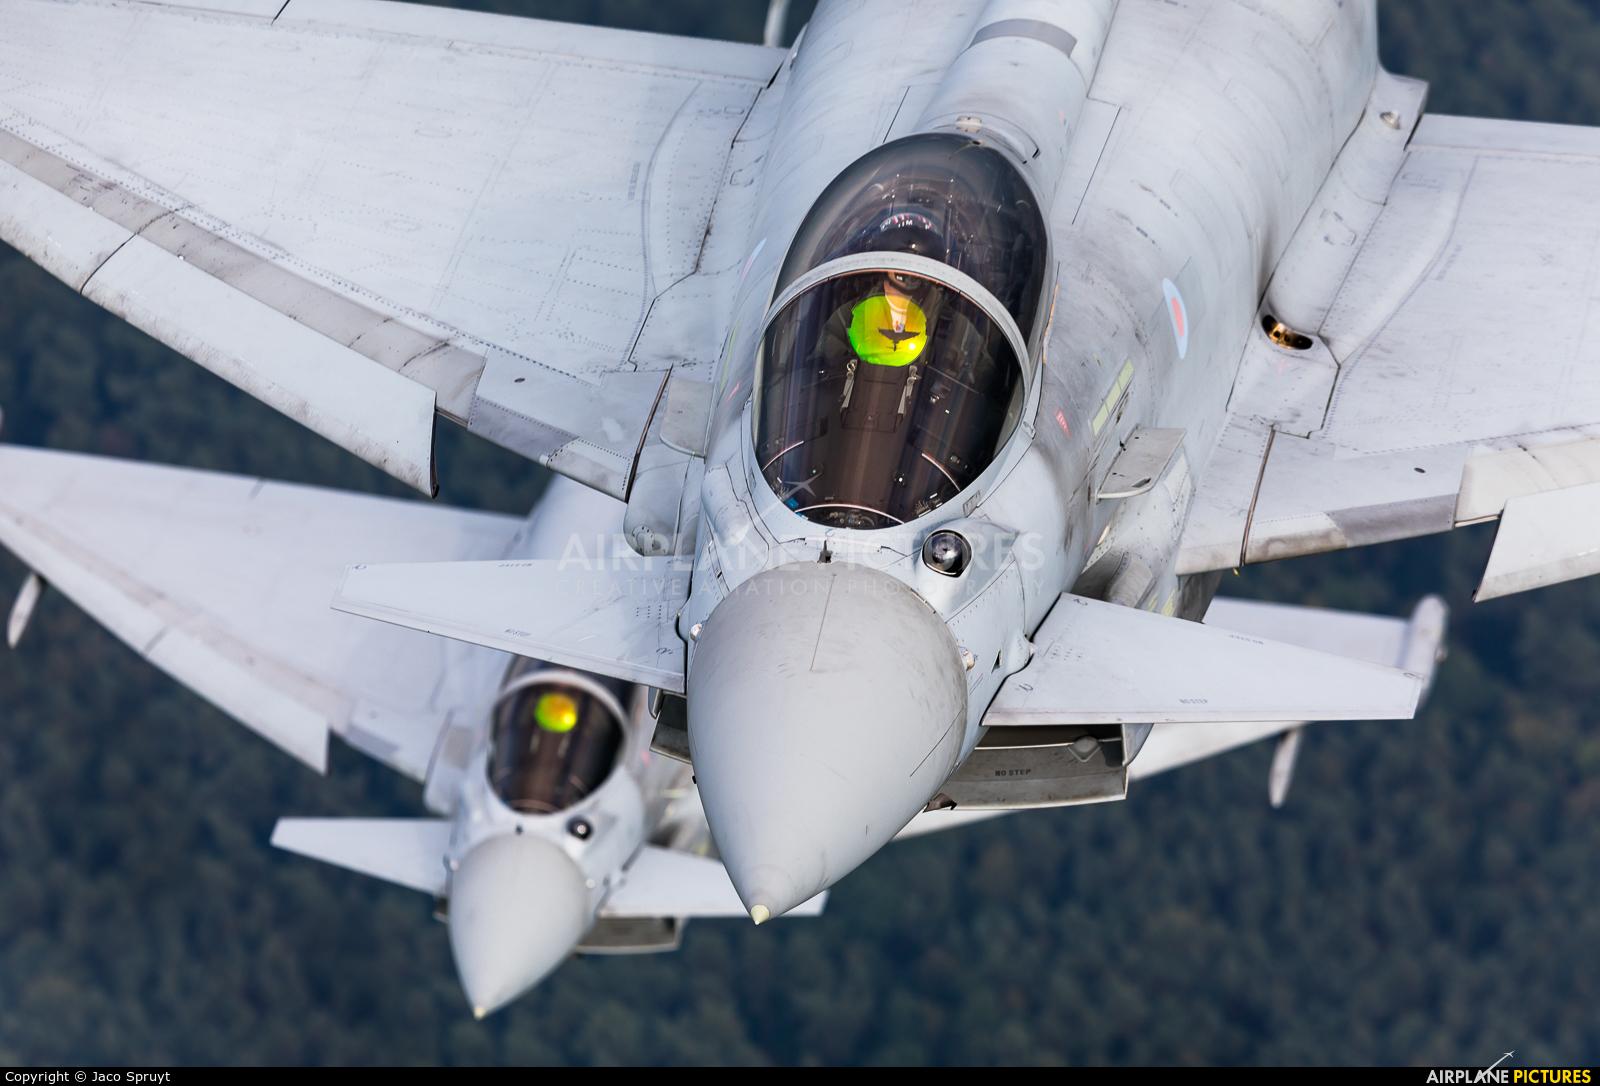 Royal Air Force ZK317 aircraft at In Flight - Belgium